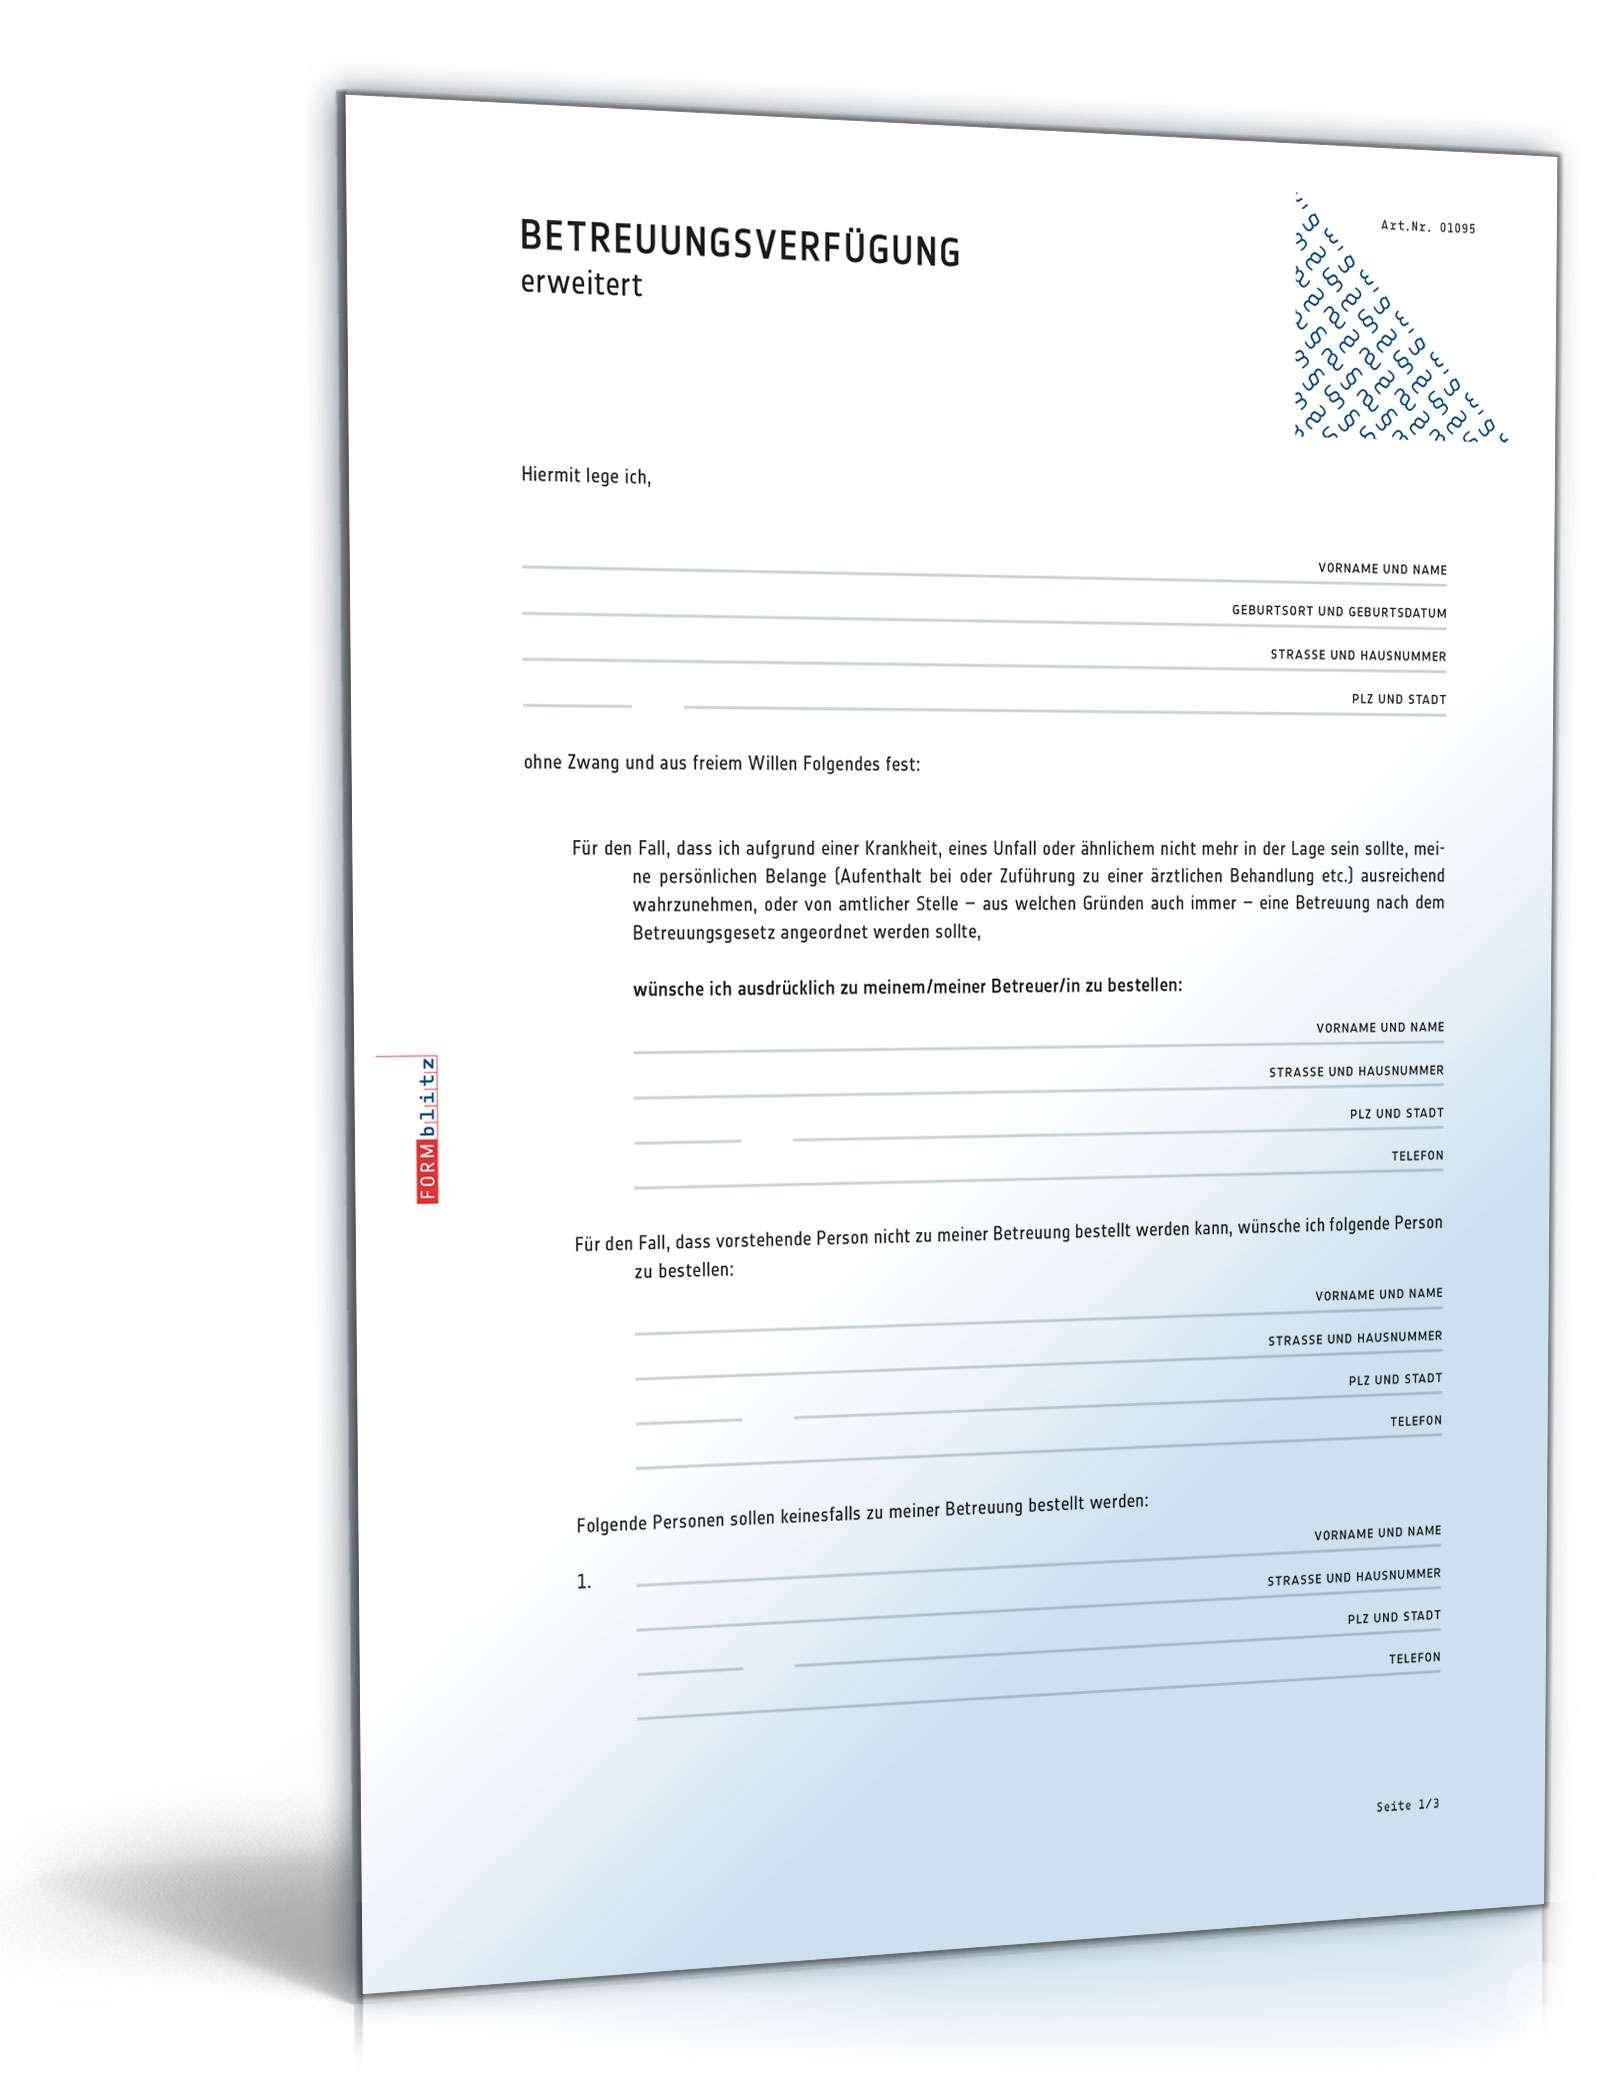 detaillierte betreuungsverfgung muster als download - Betreuungsvollmacht Muster